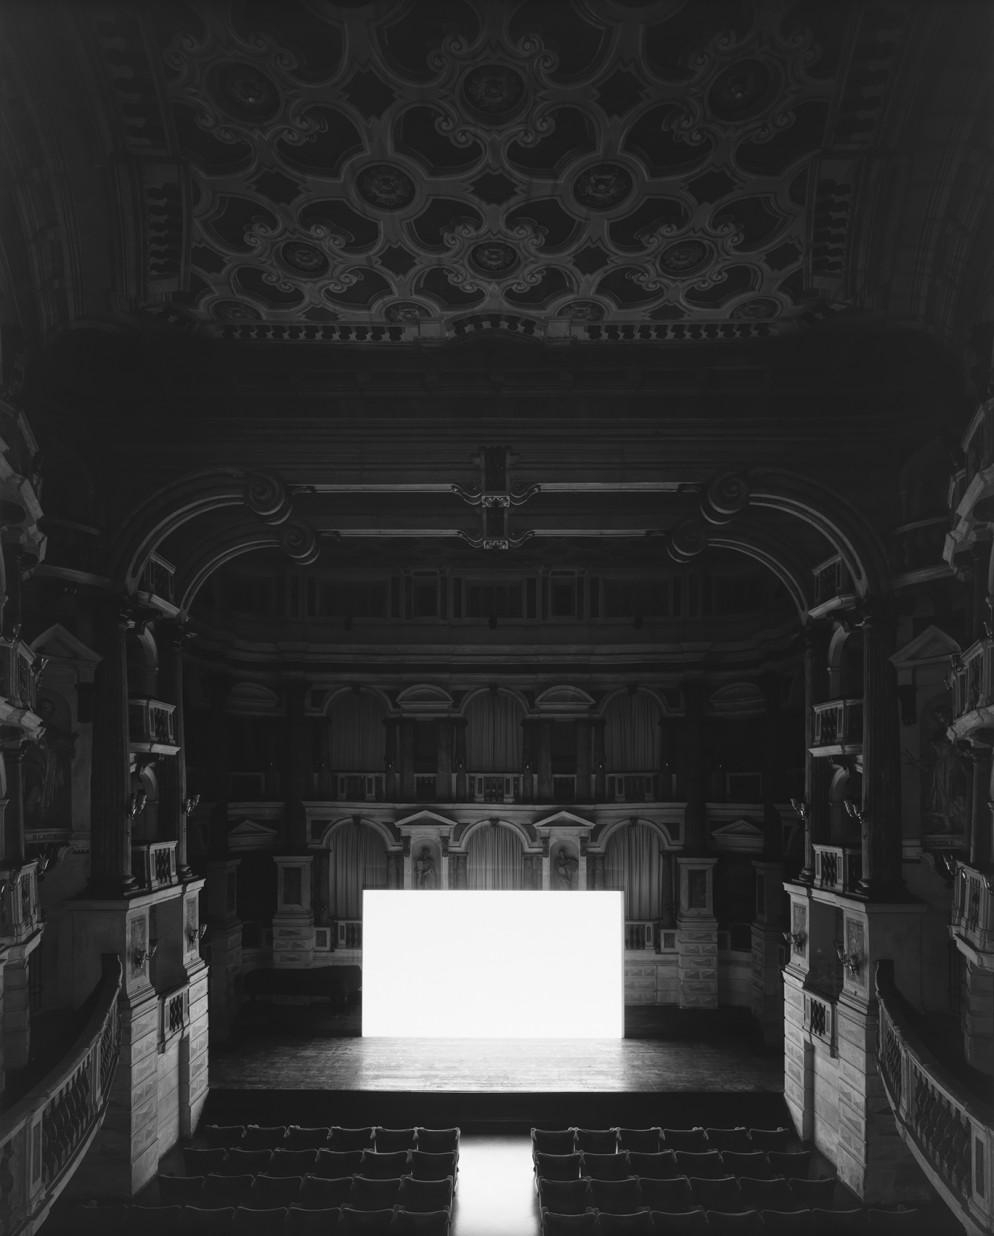 34.005_Teatro Scientifico del Bibiena, Mantova, 2015, I Vitelloni (Screen side)